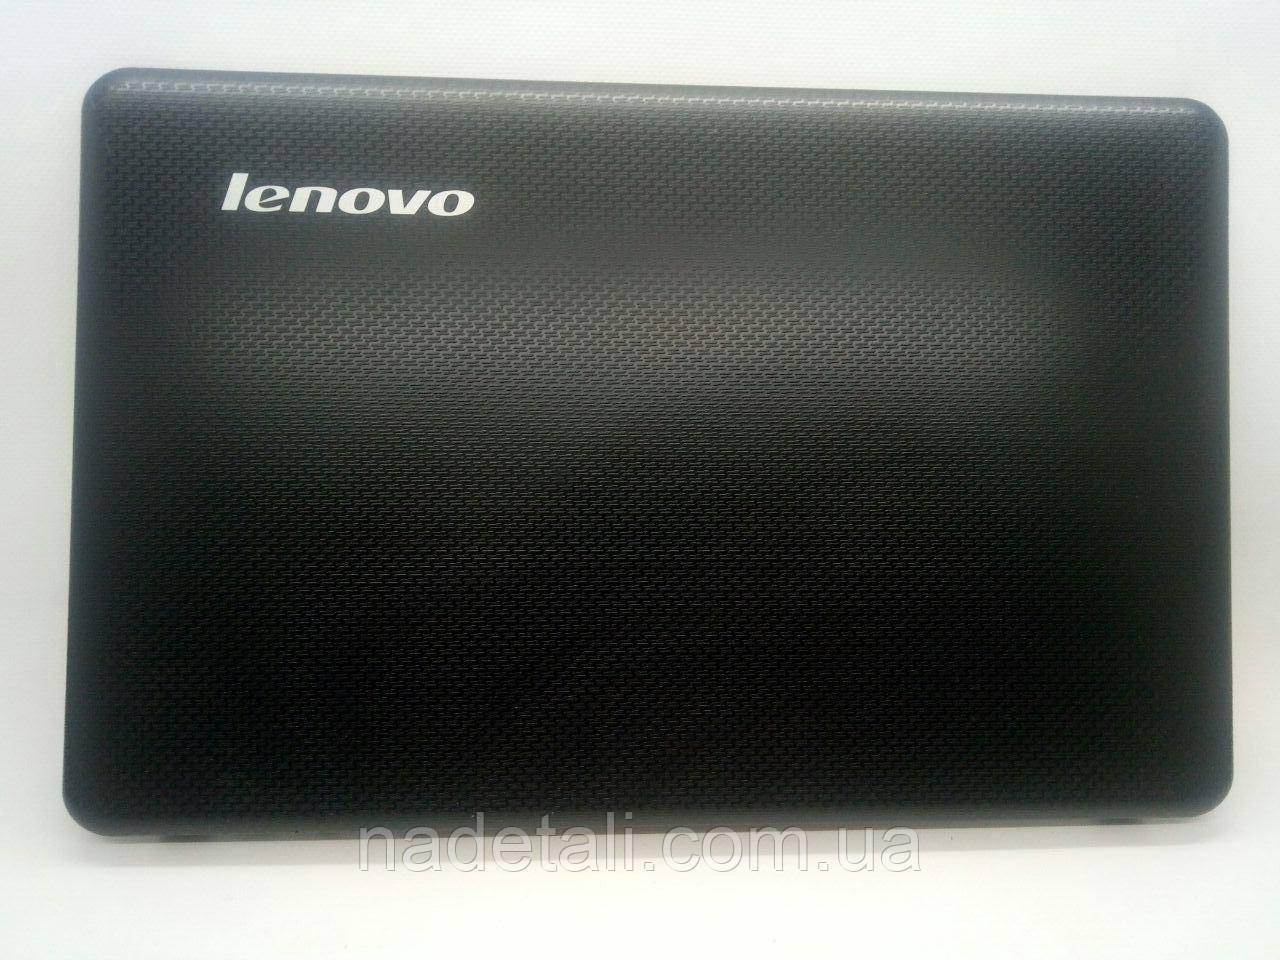 Крышка матрицы Lenovo G550 AP07W0003001